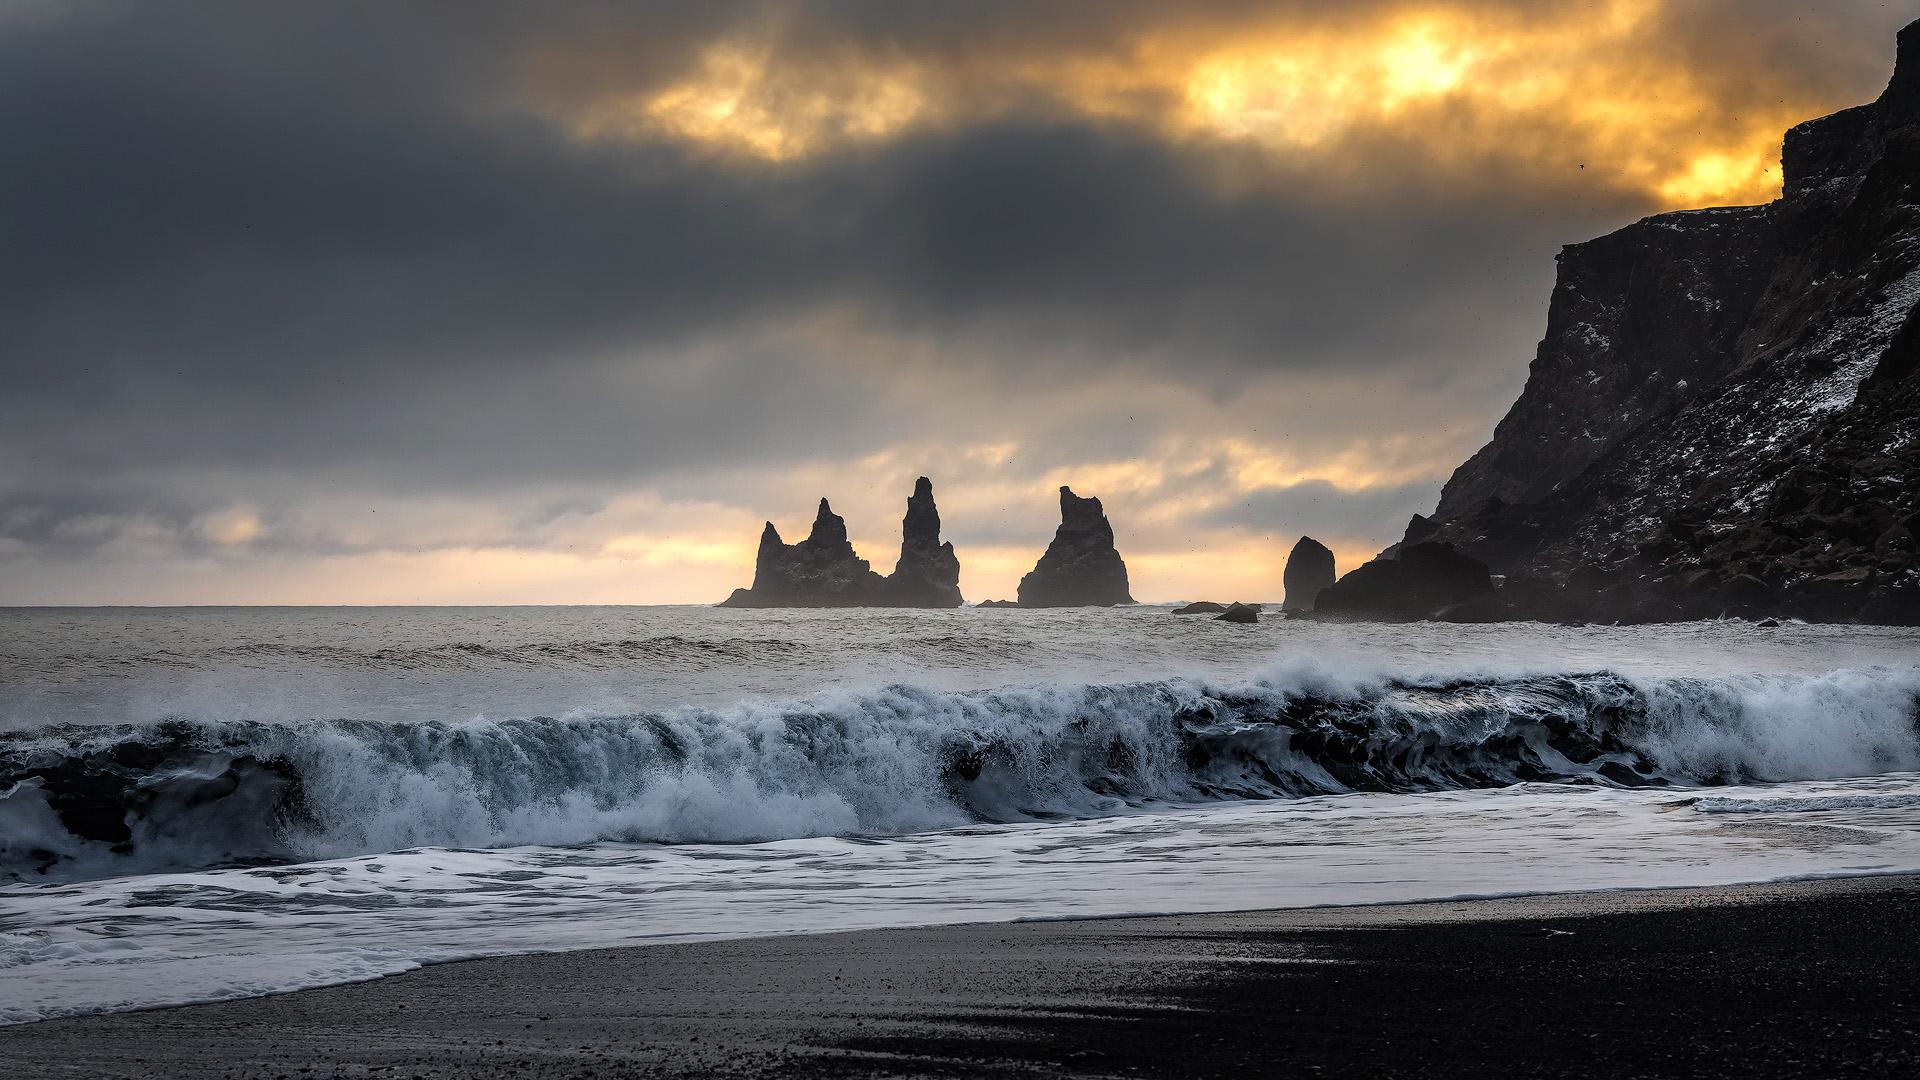 ijsland feb 2019-424 kopiëren.jpg